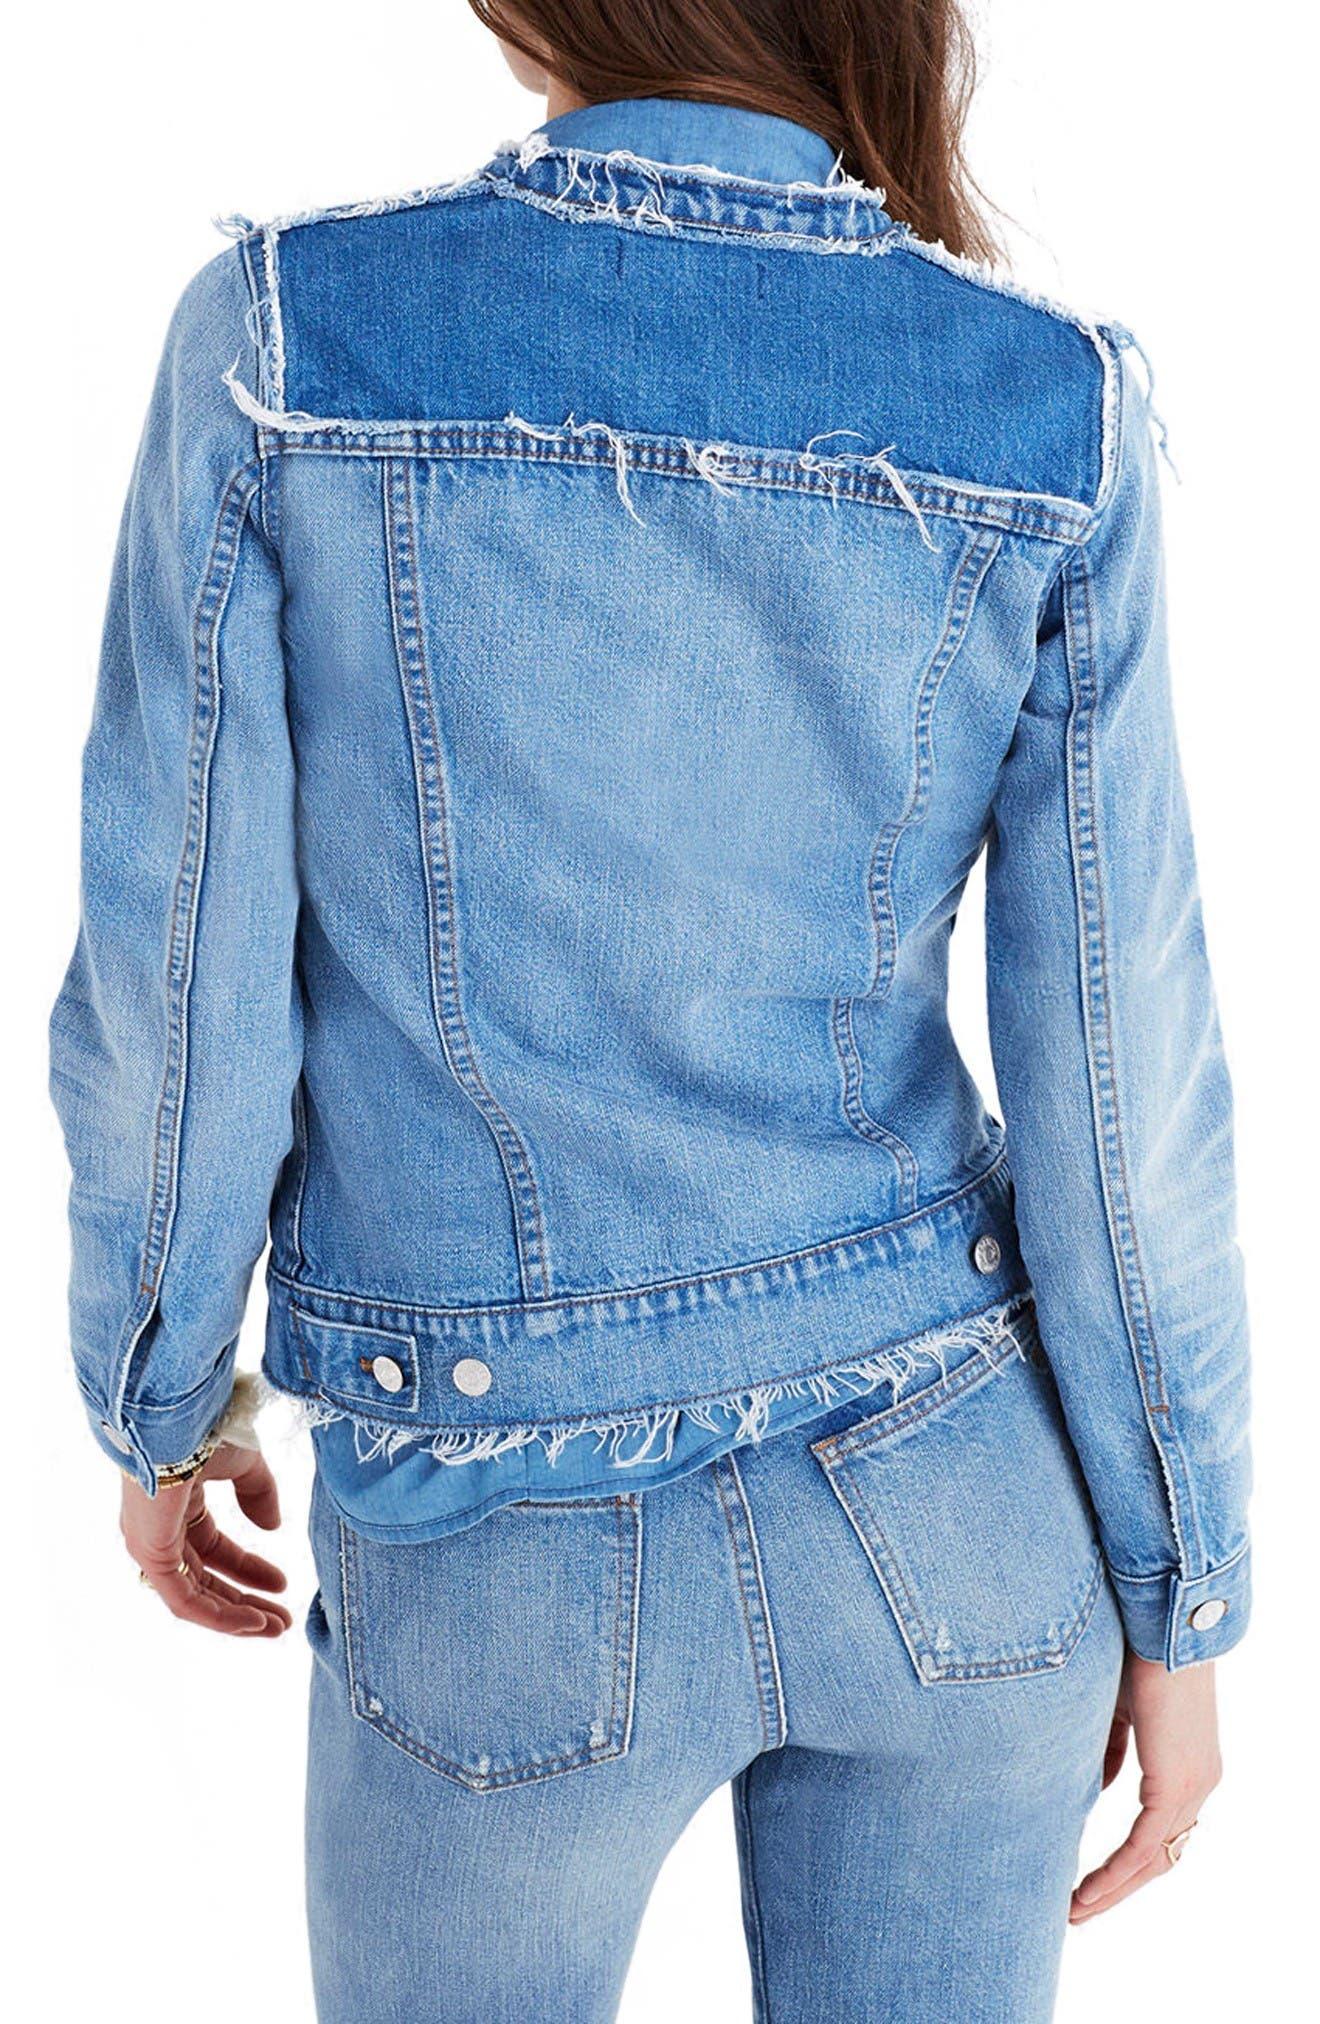 Alternate Image 2  - Madewell Distressed Denim Jacket